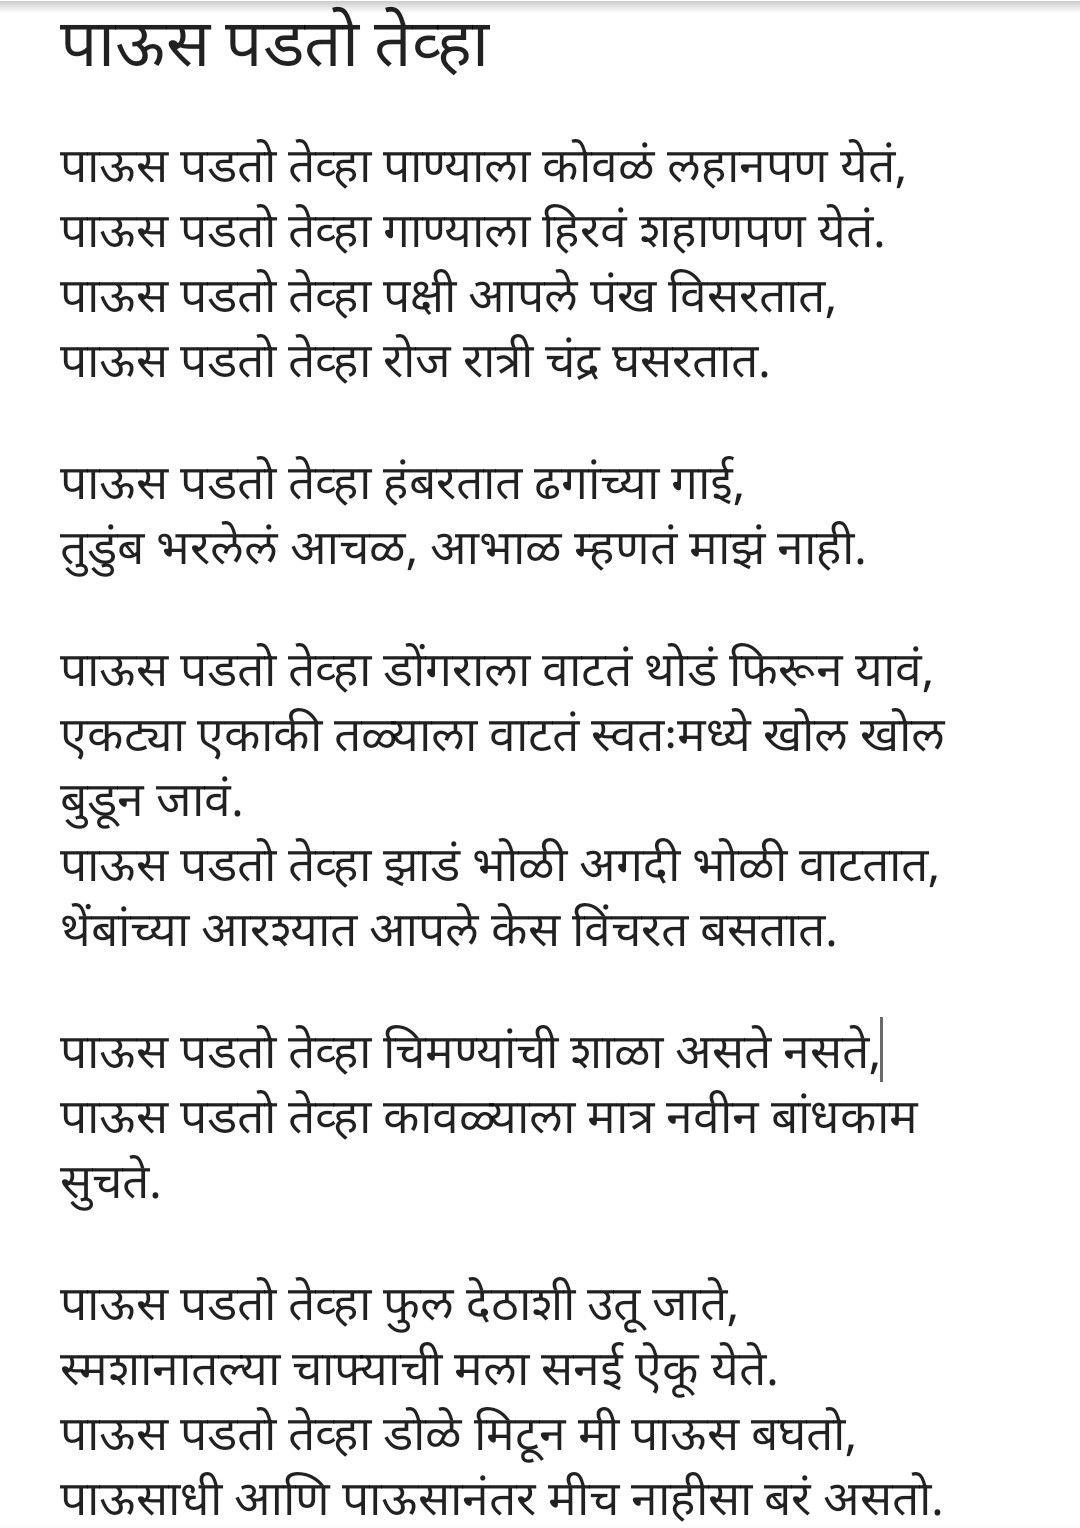 पाऊस पडतो तेव्हा, अशोक बागवे Marathi poems, Marathi